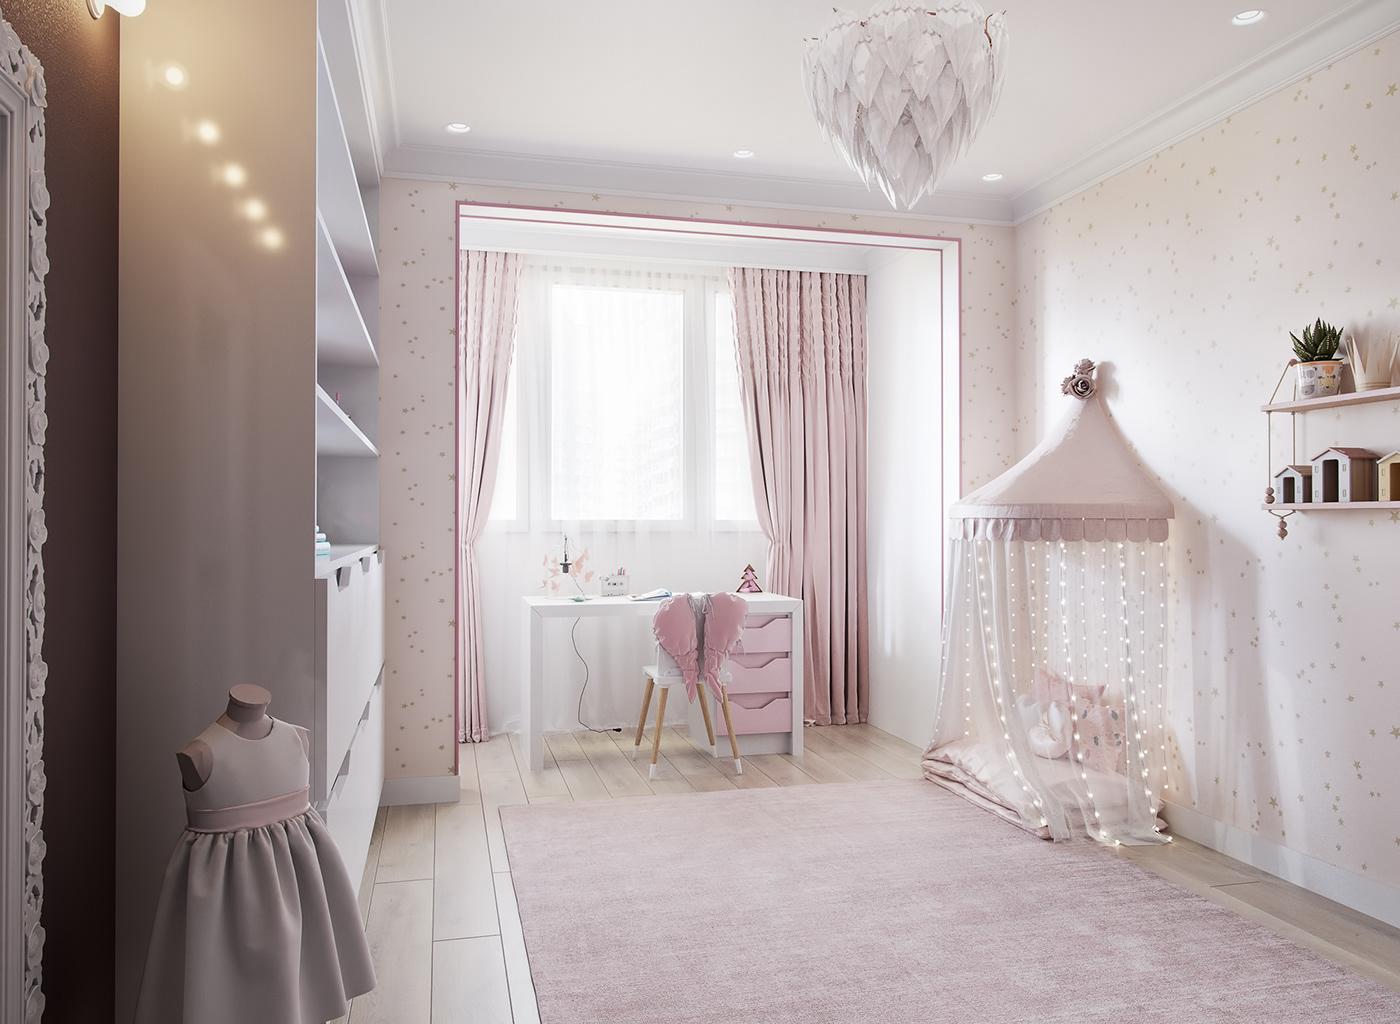 有設計感的18款粉紅色房間欣賞